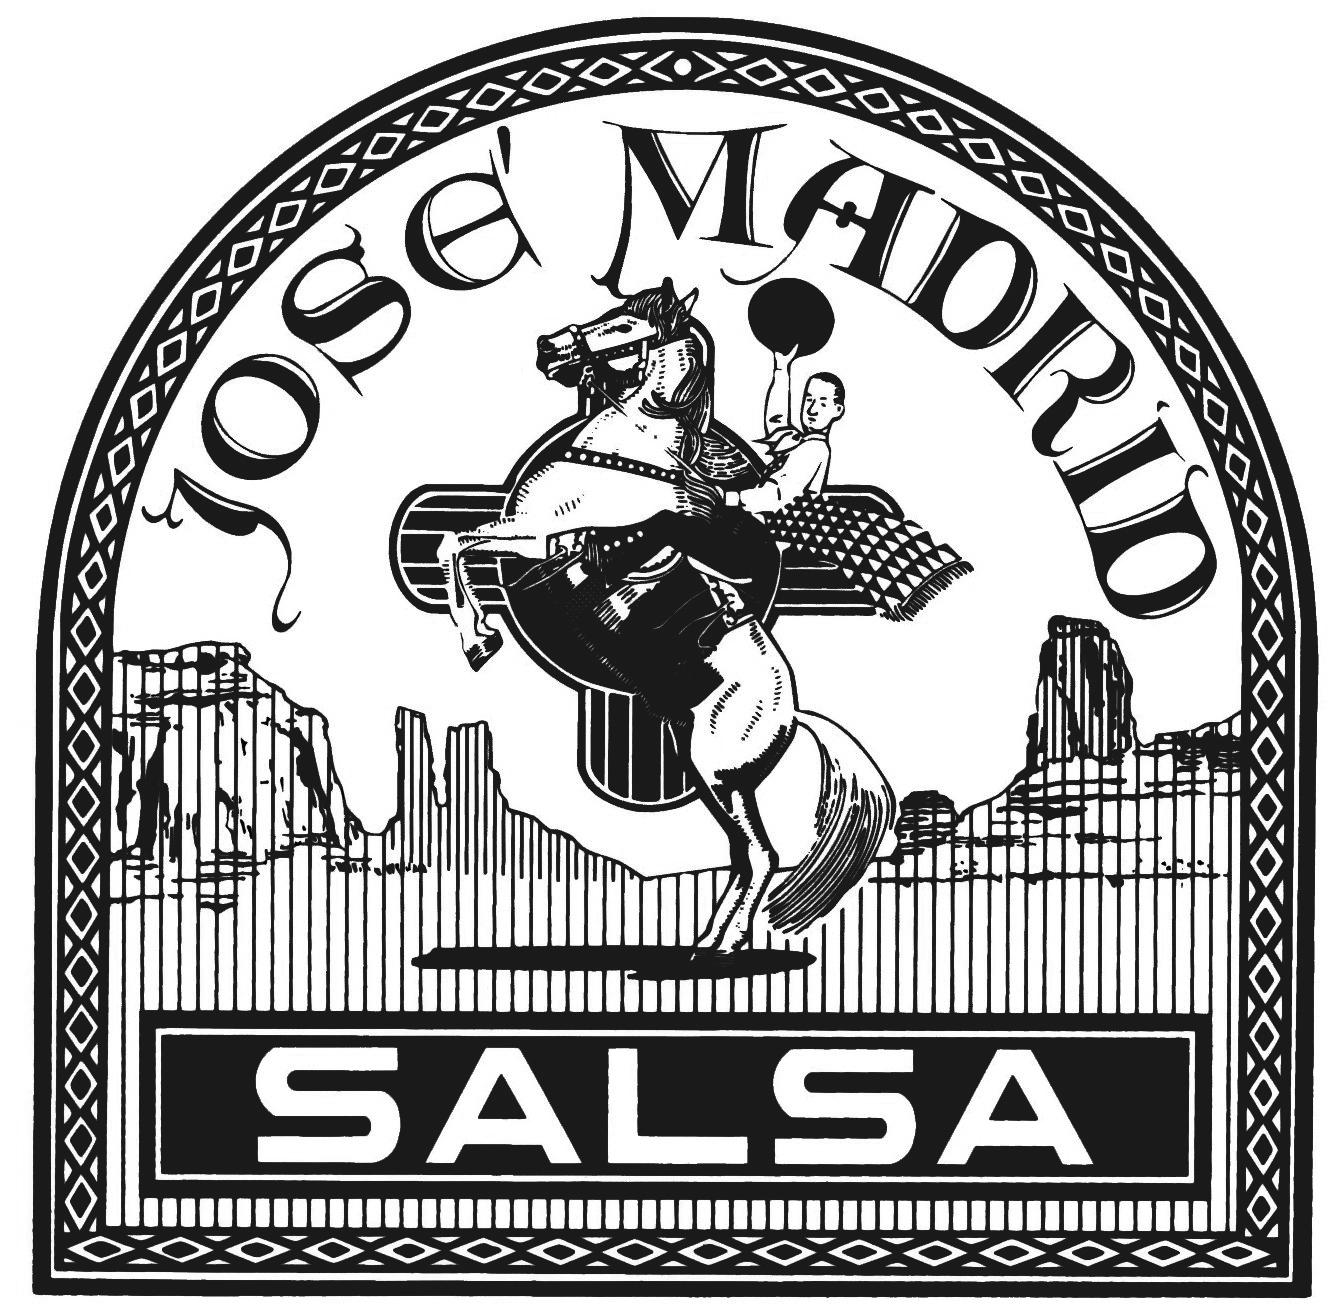 Jose Madrid Salsa 1.jpg